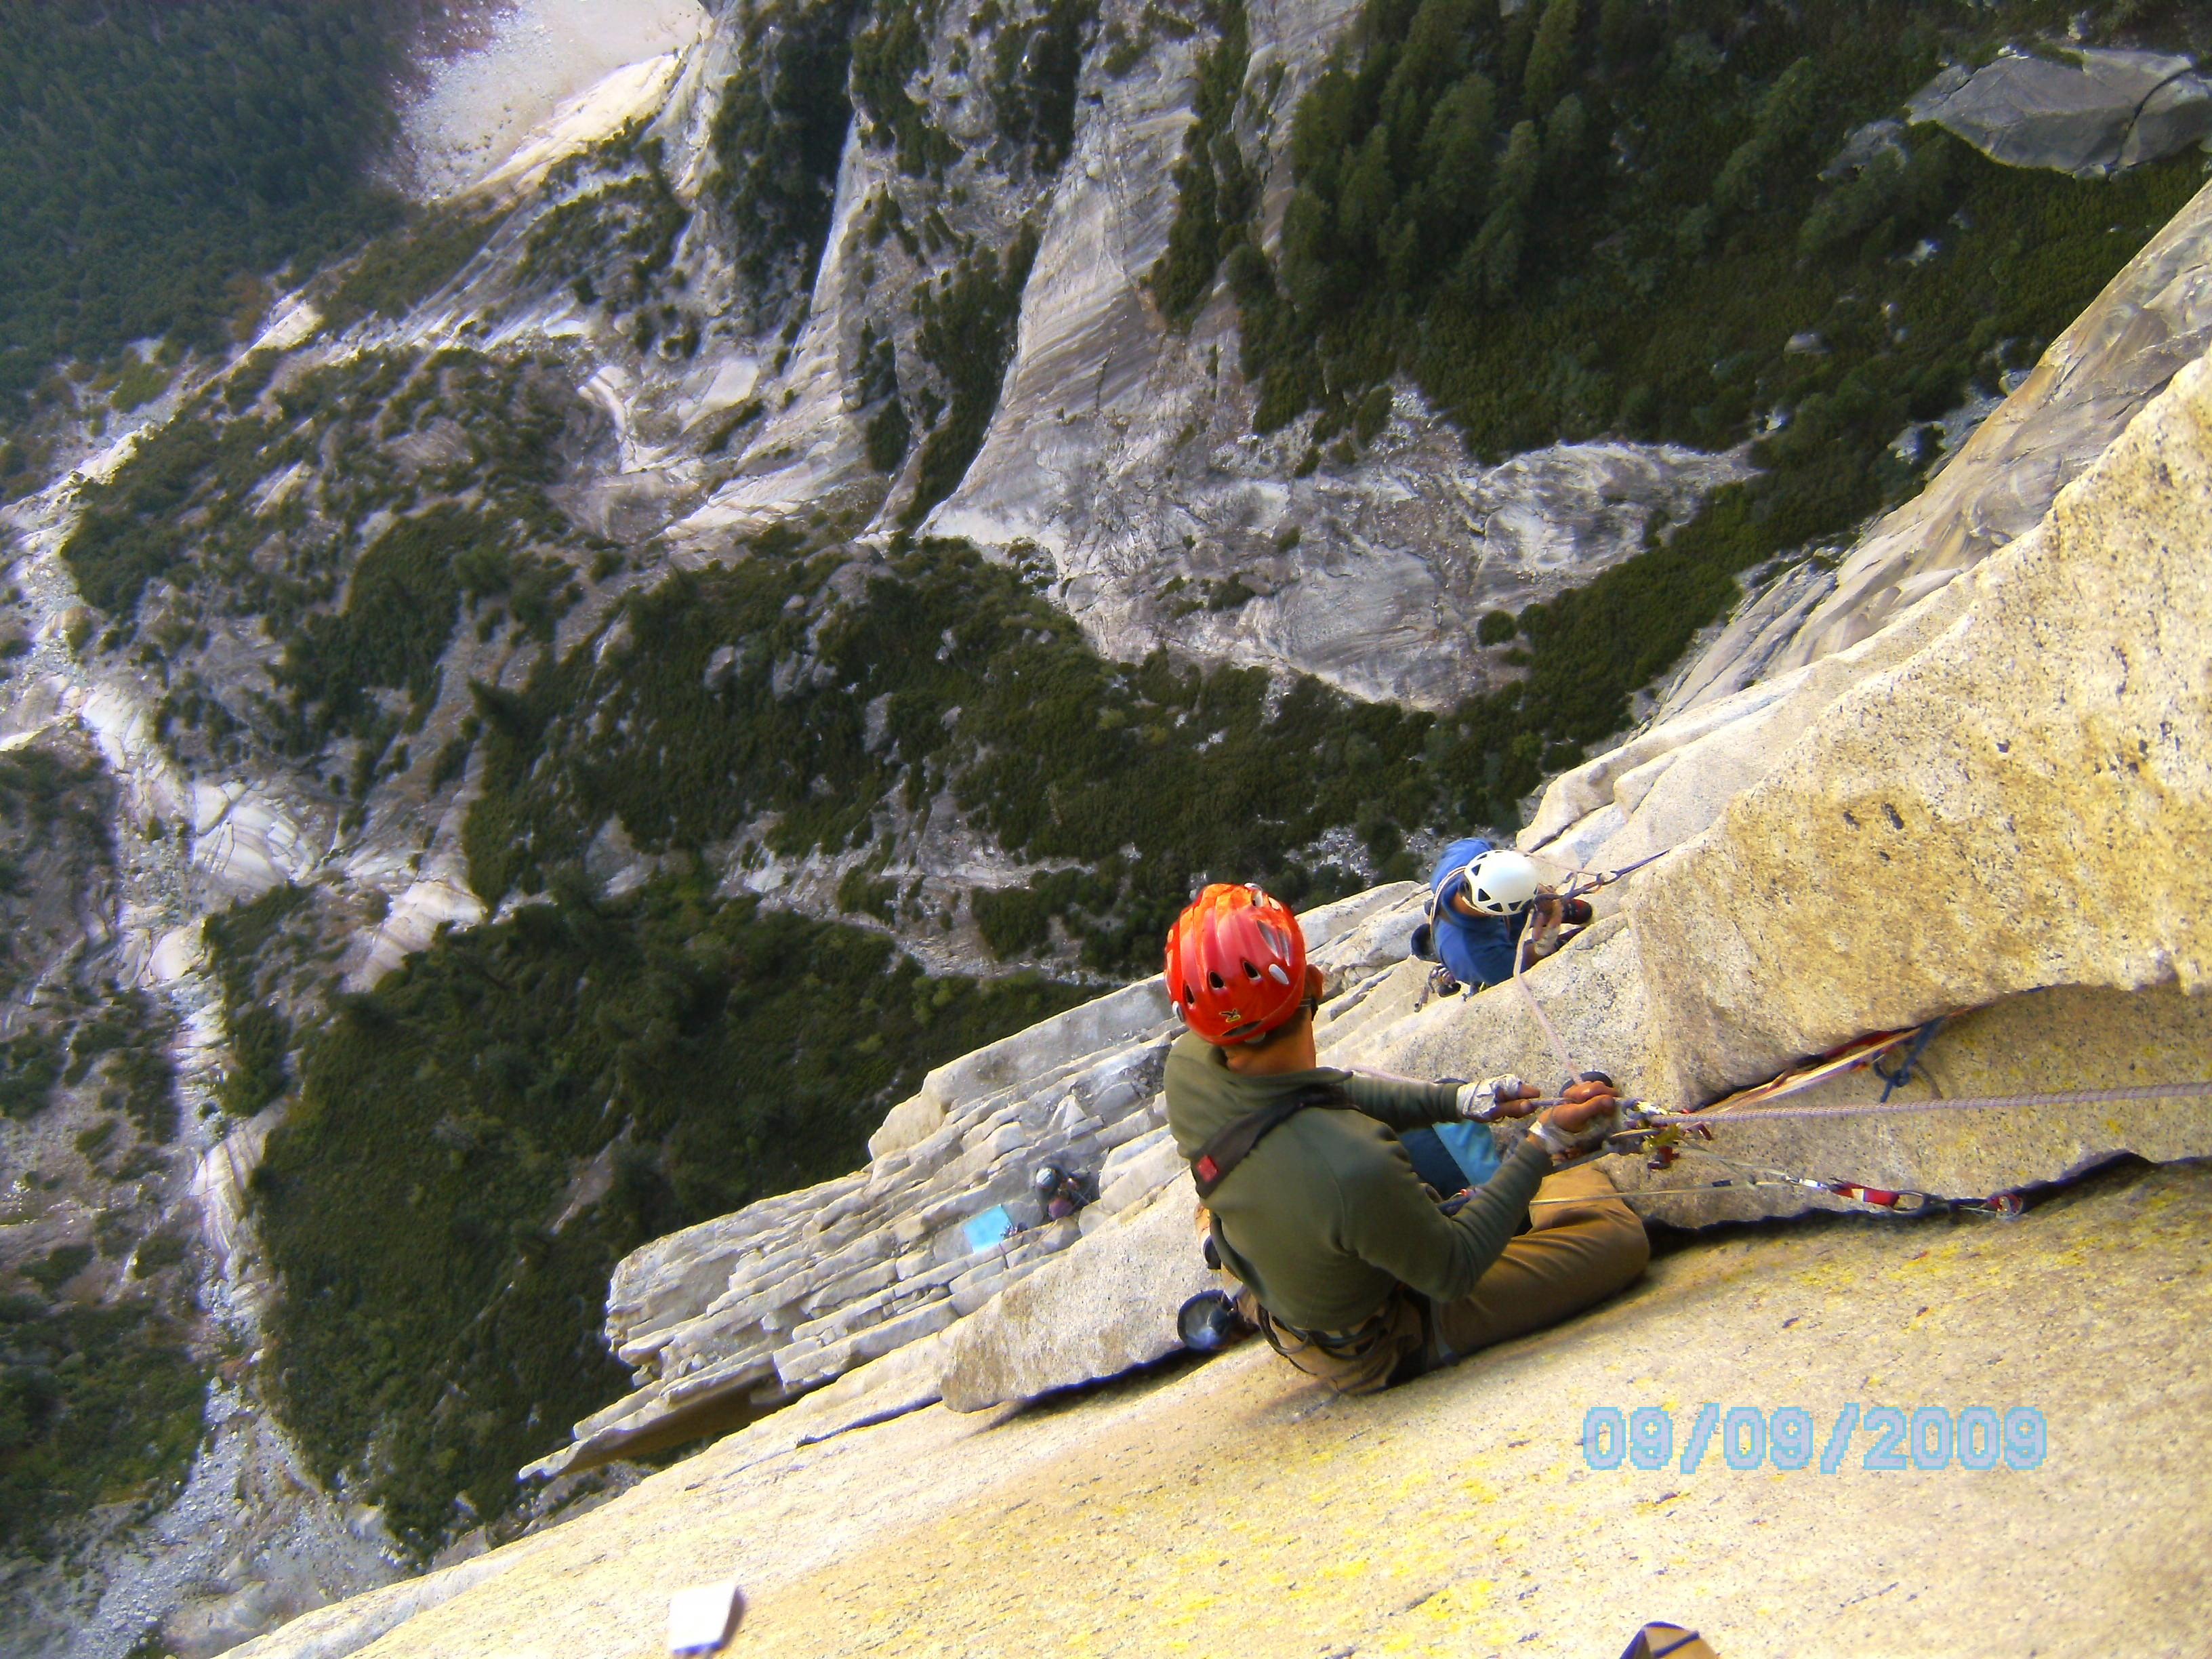 Klettergurt Empfehlung : Sicherheit am klettersteig empfehlungen des alpenvereins